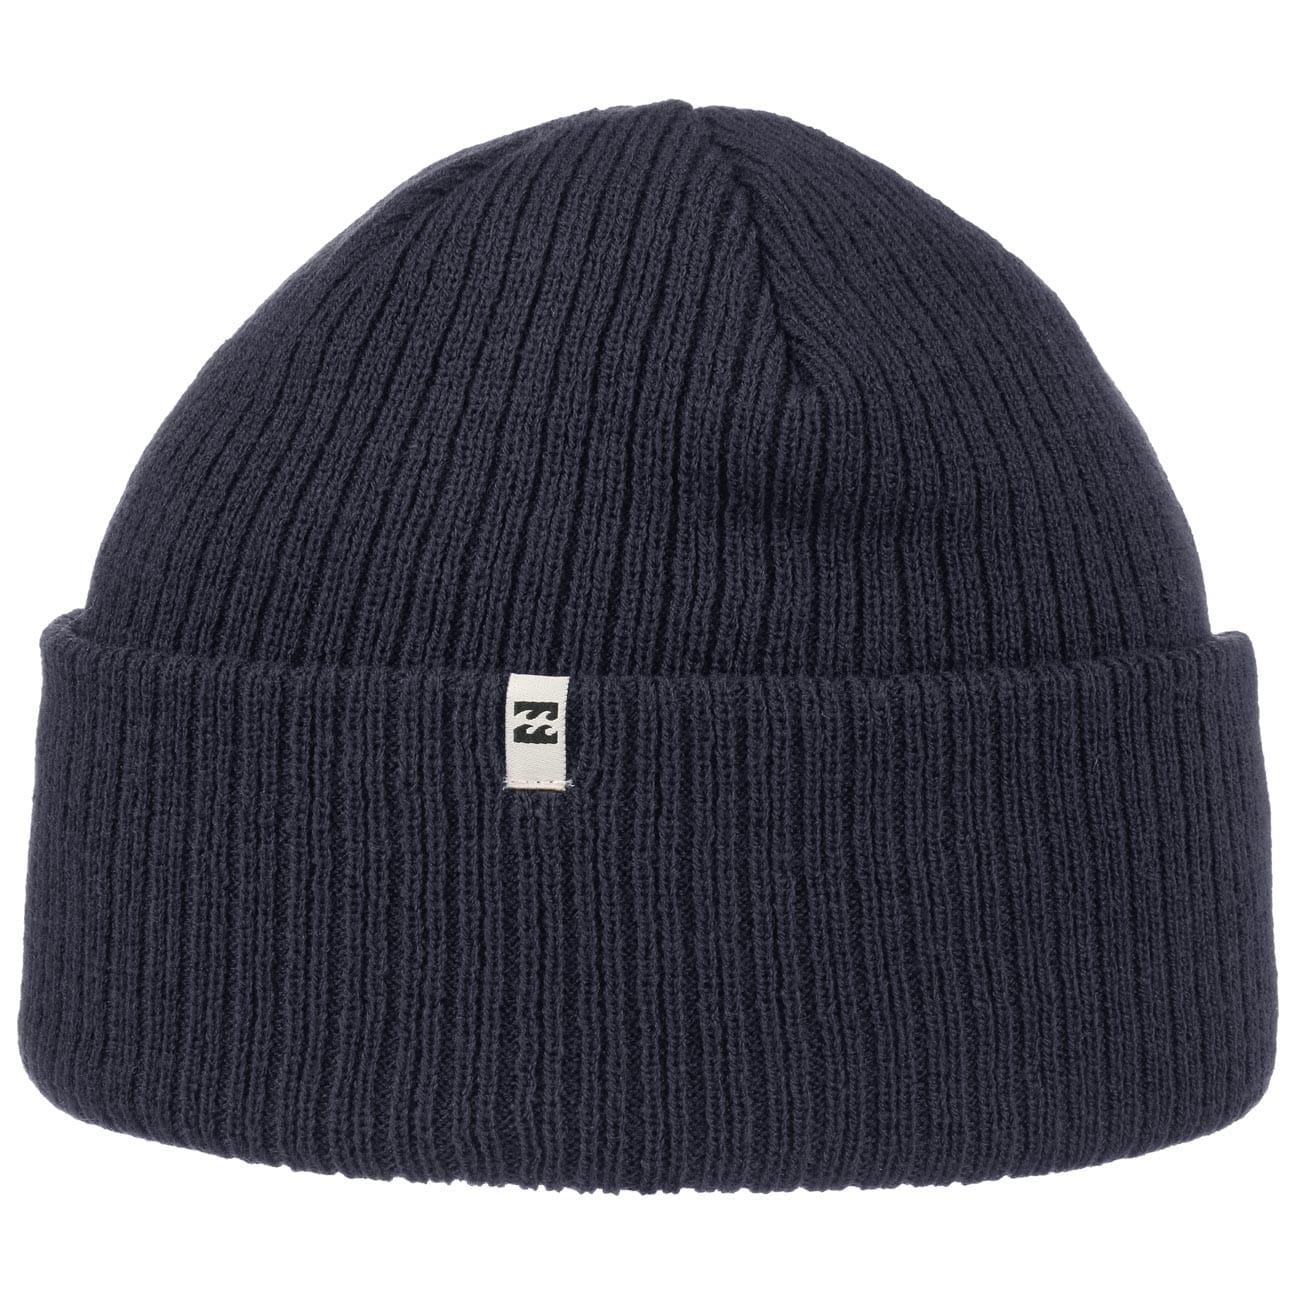 Bonnet Arcade Beanie by Billabong  bonnet pour l`hiver